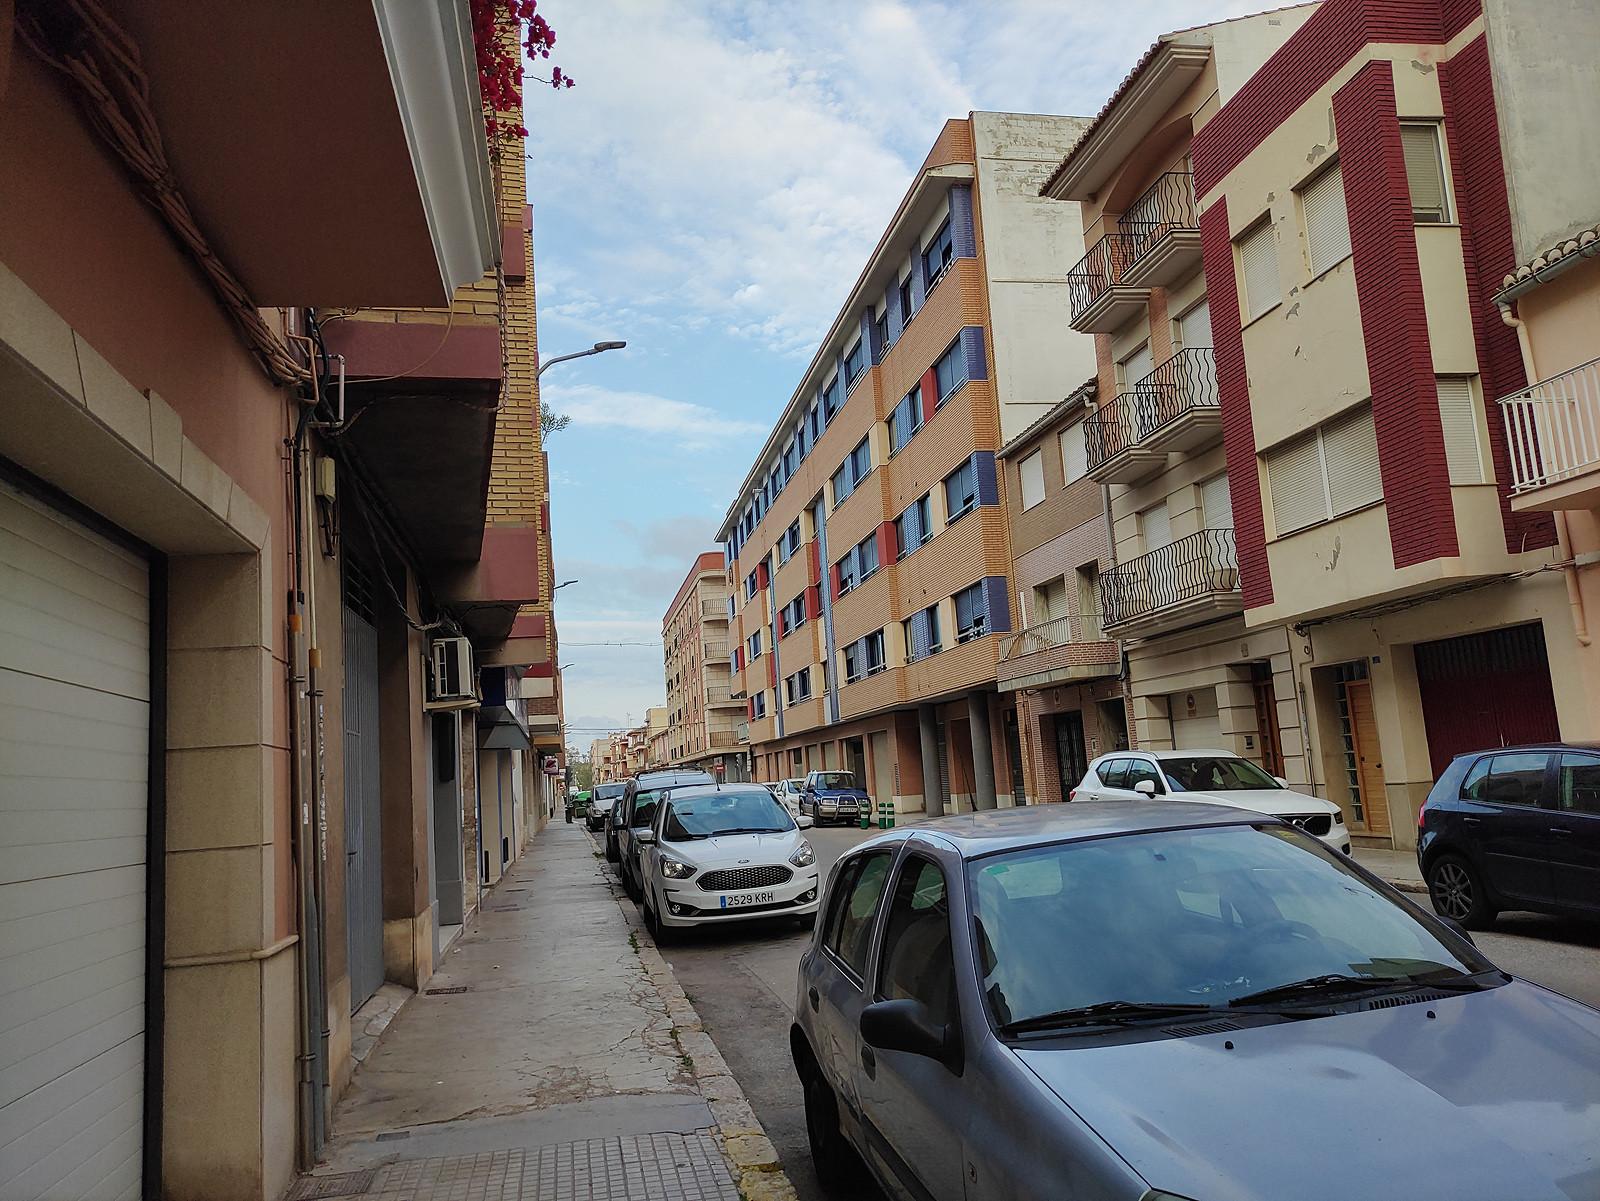 Foto de Nubia Red Magic 5G, galería fotográfica (22/45)